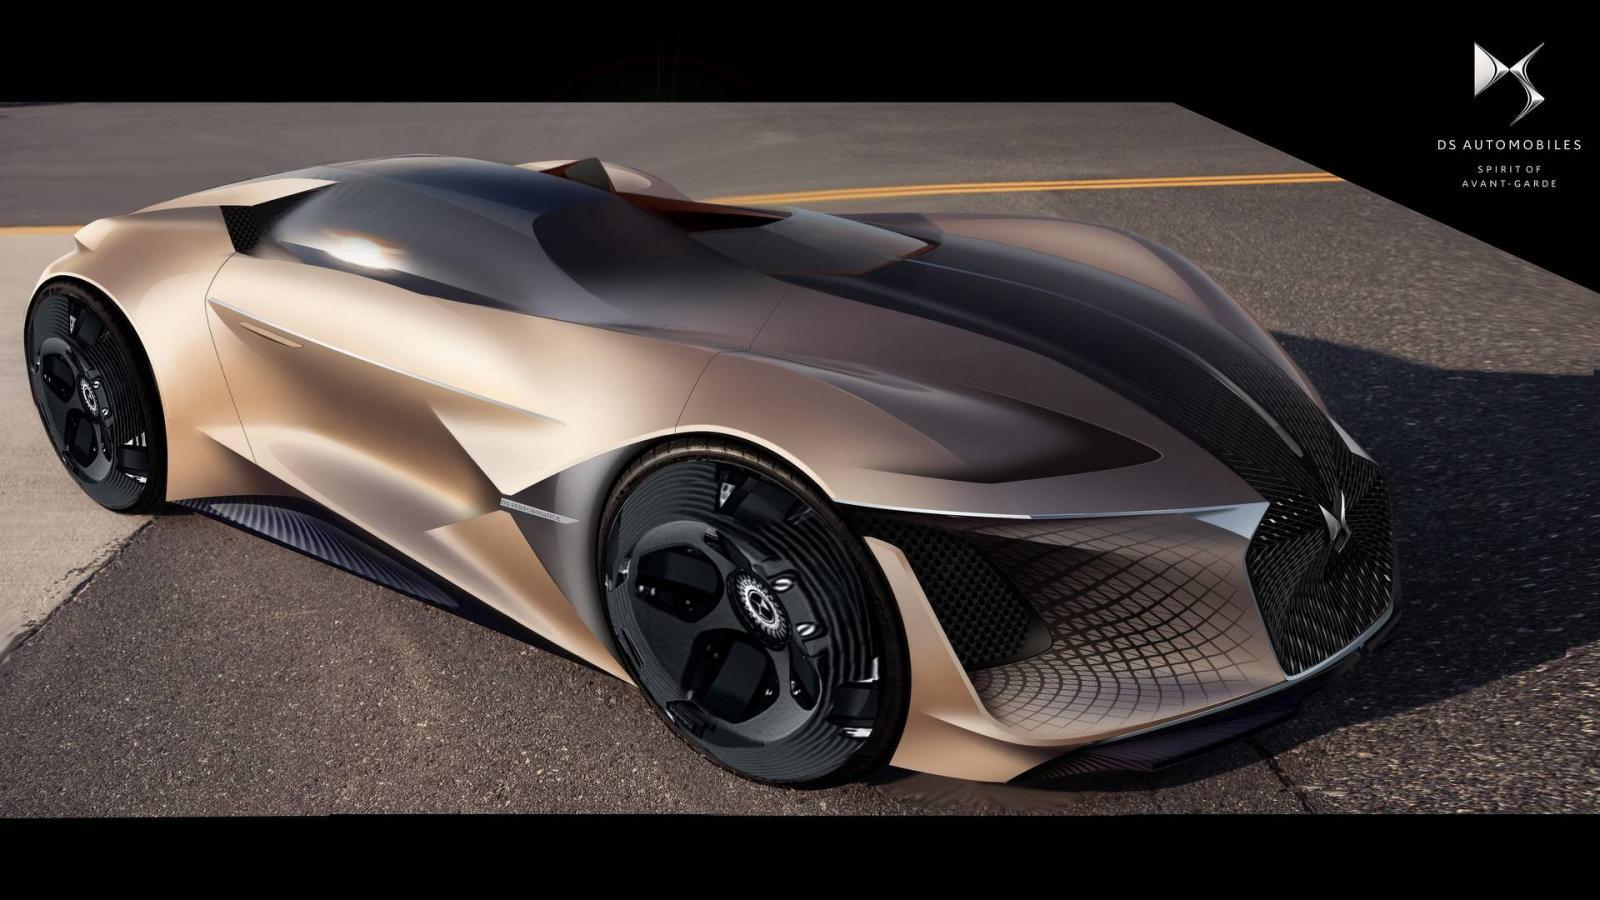 МаркаDS создала 1360-сильный карбоновый электрический спорткар